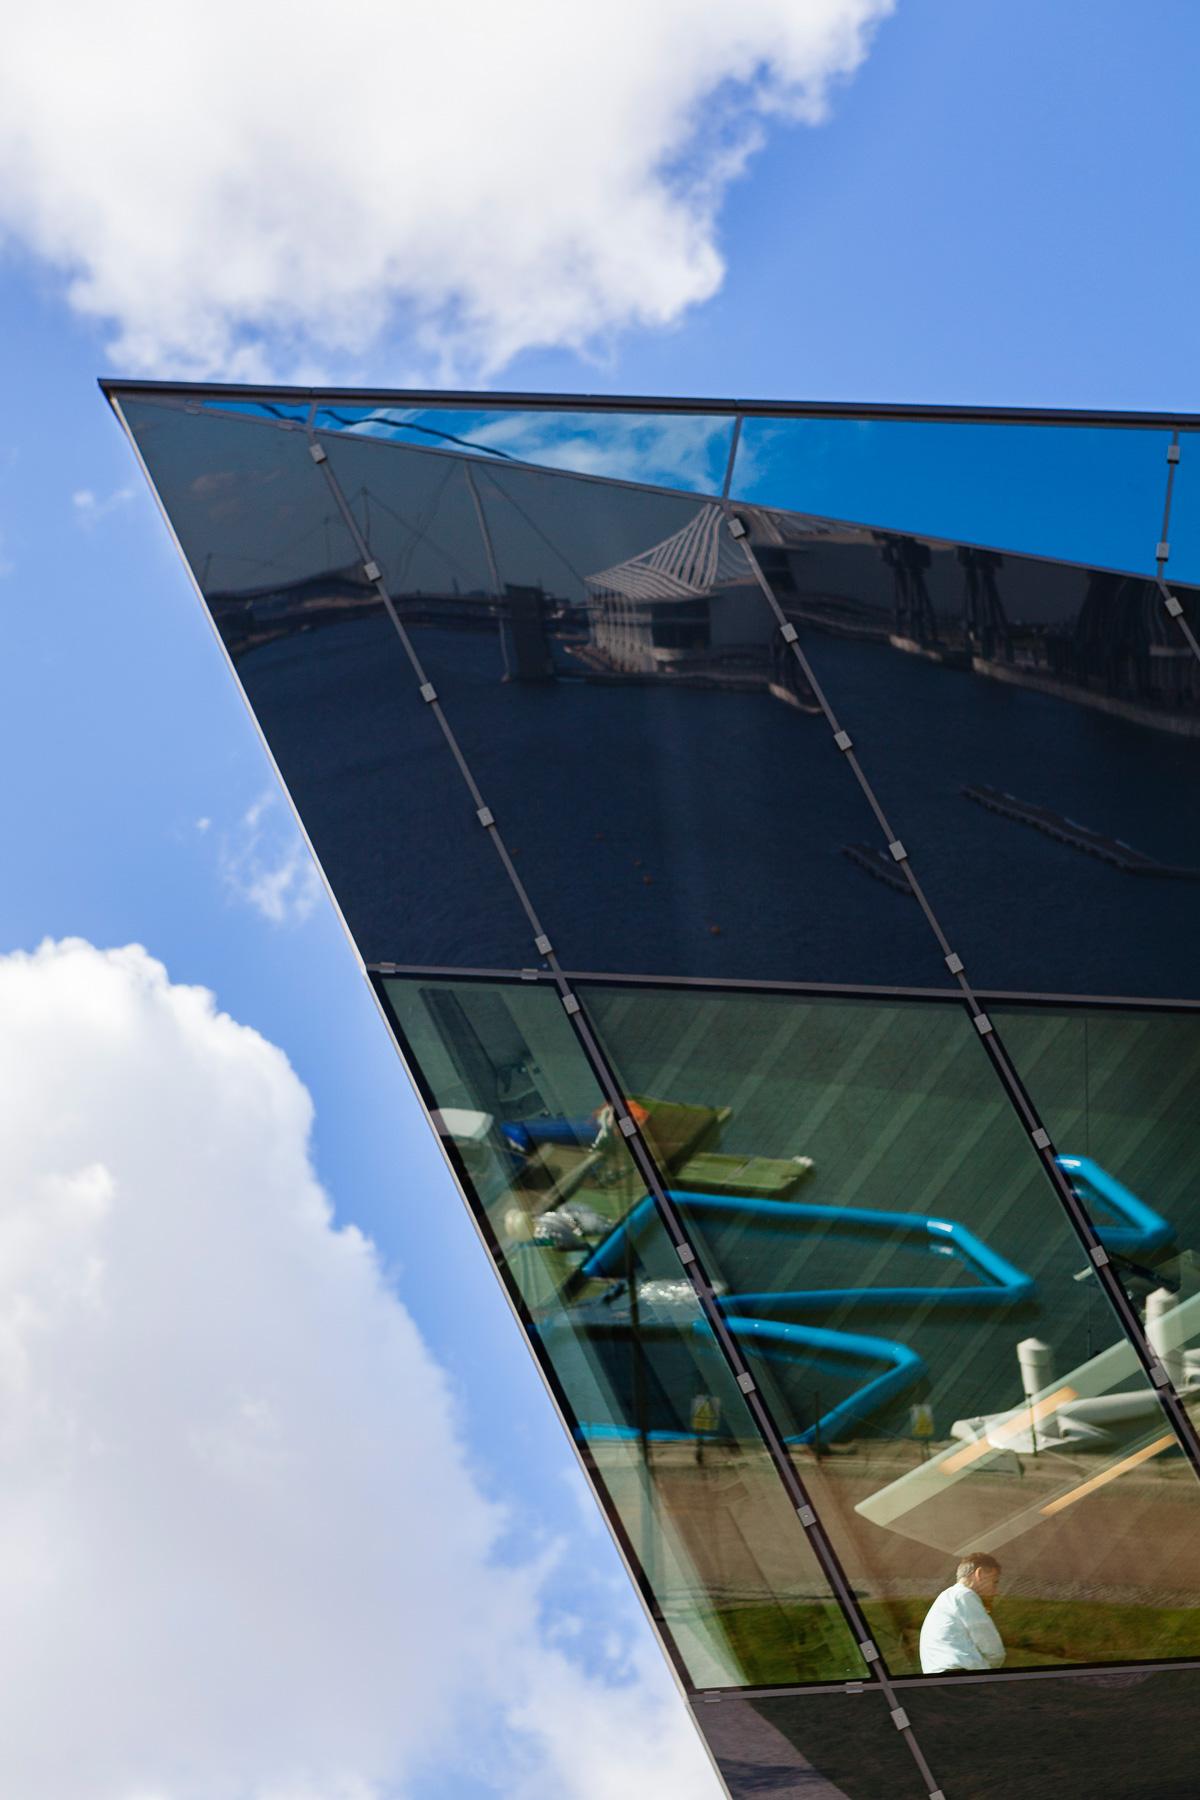 Tenerife Auditorium - Santiago Calatrava - Tenerife, Spain